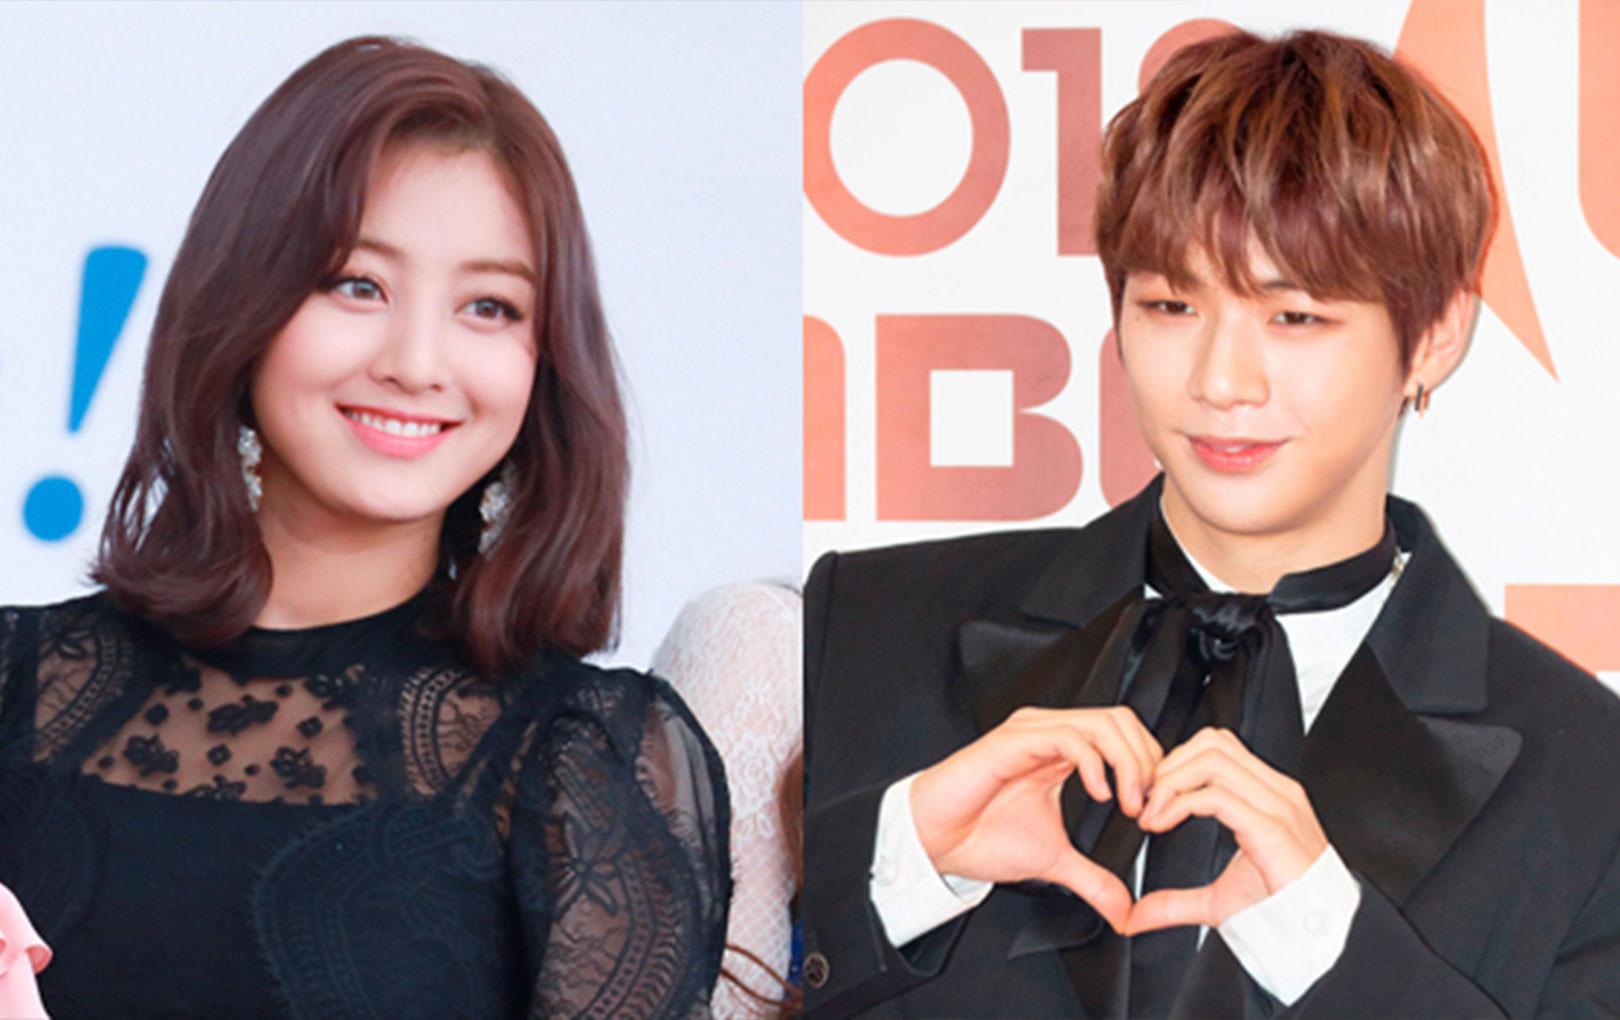 CHÍNH THỨC: Phía JYP xác nhận cặp đôi trai tài gái sắc Kang Daniel và Jihyo (TWICE) đang hẹn hò